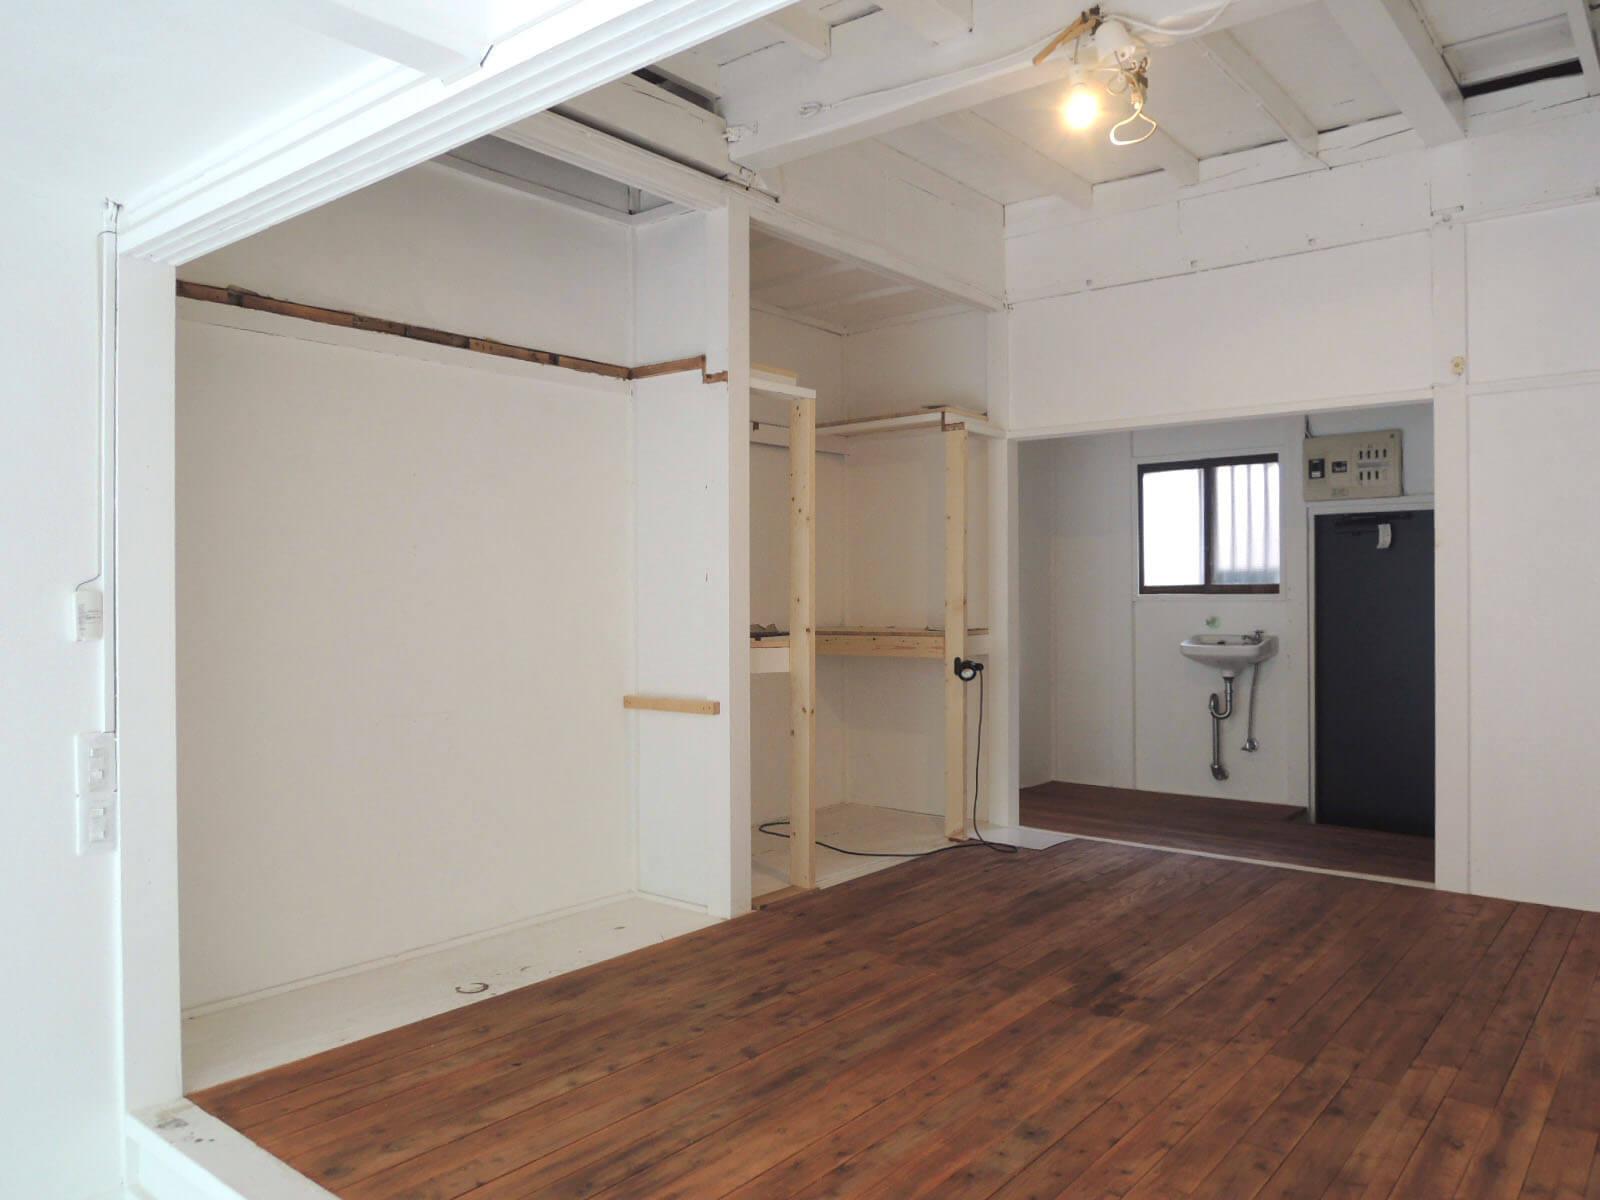 押入だった部分は収納棚や収納棚を作り込むことも